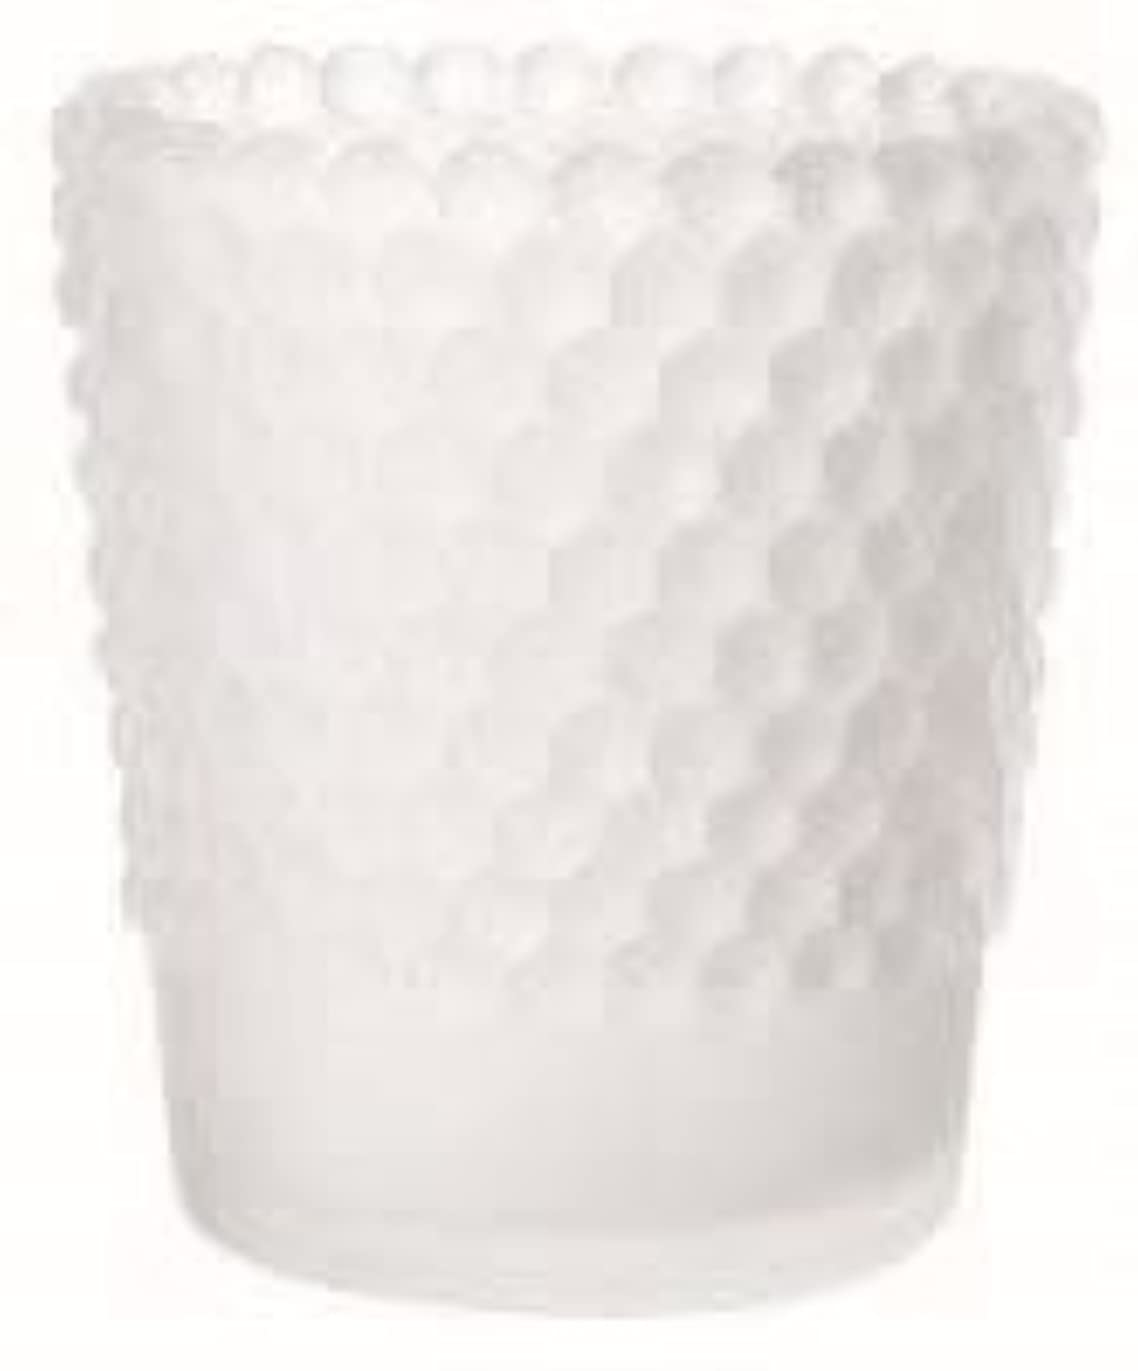 袋規制する一人でカメヤマキャンドル(kameyama candle) ホビネルグラス 「 フロストホワイト 」6個セット